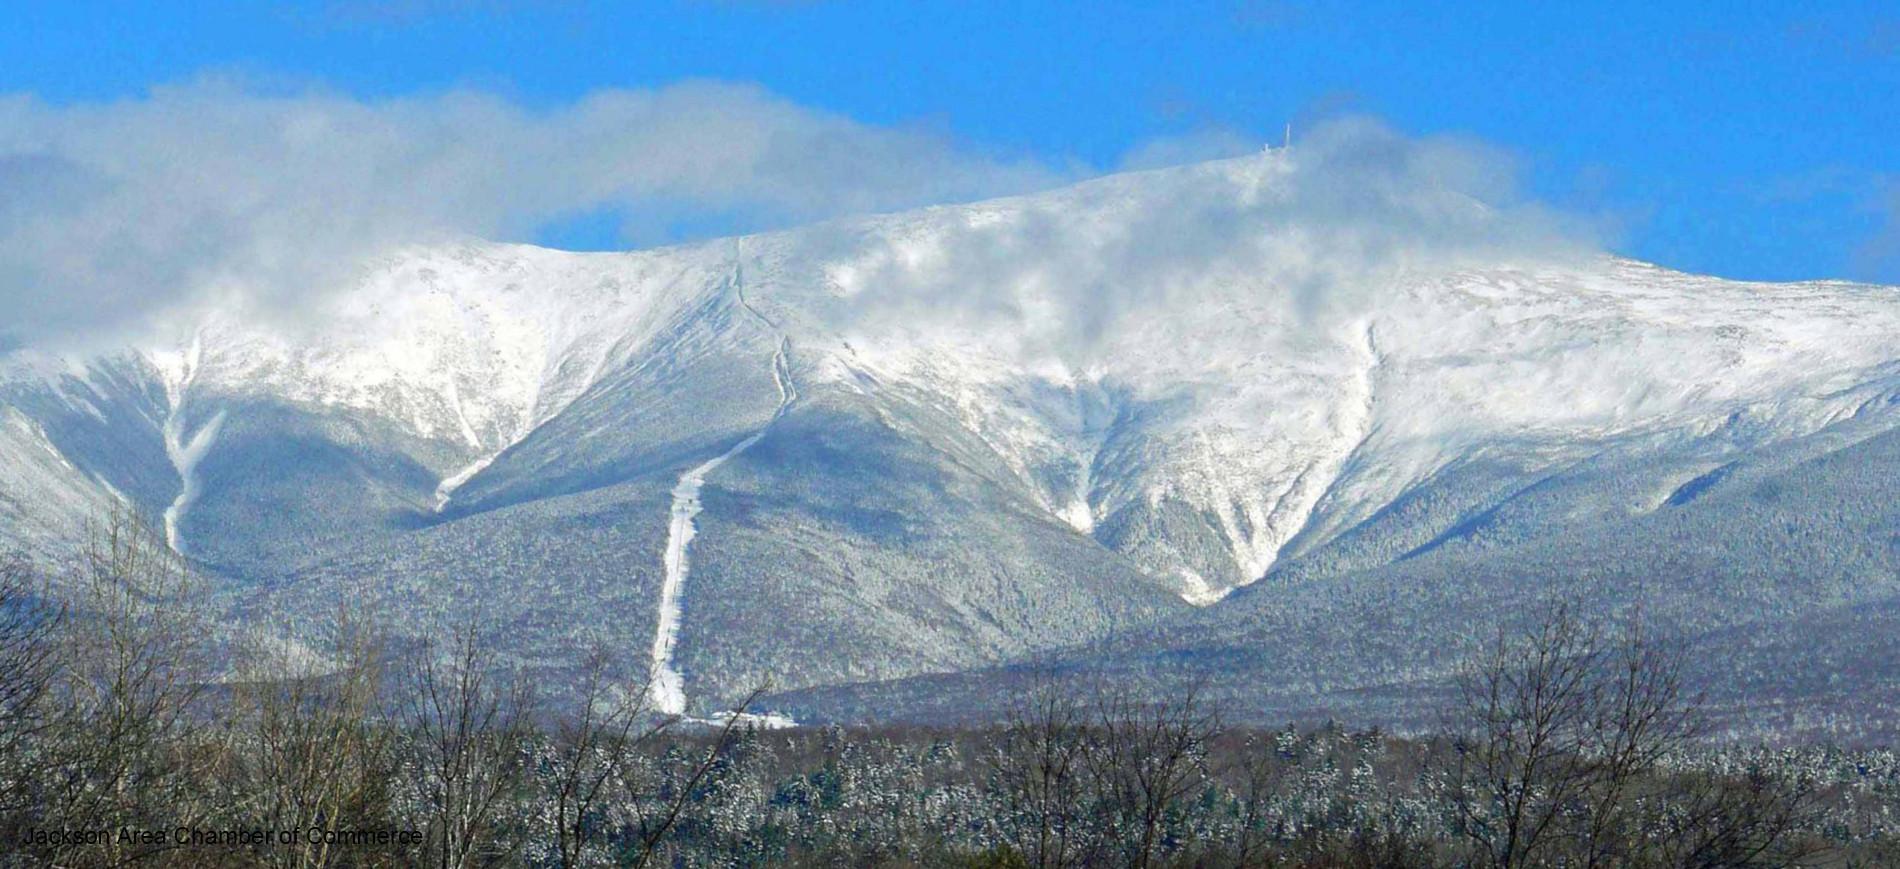 Mount Washington in snow